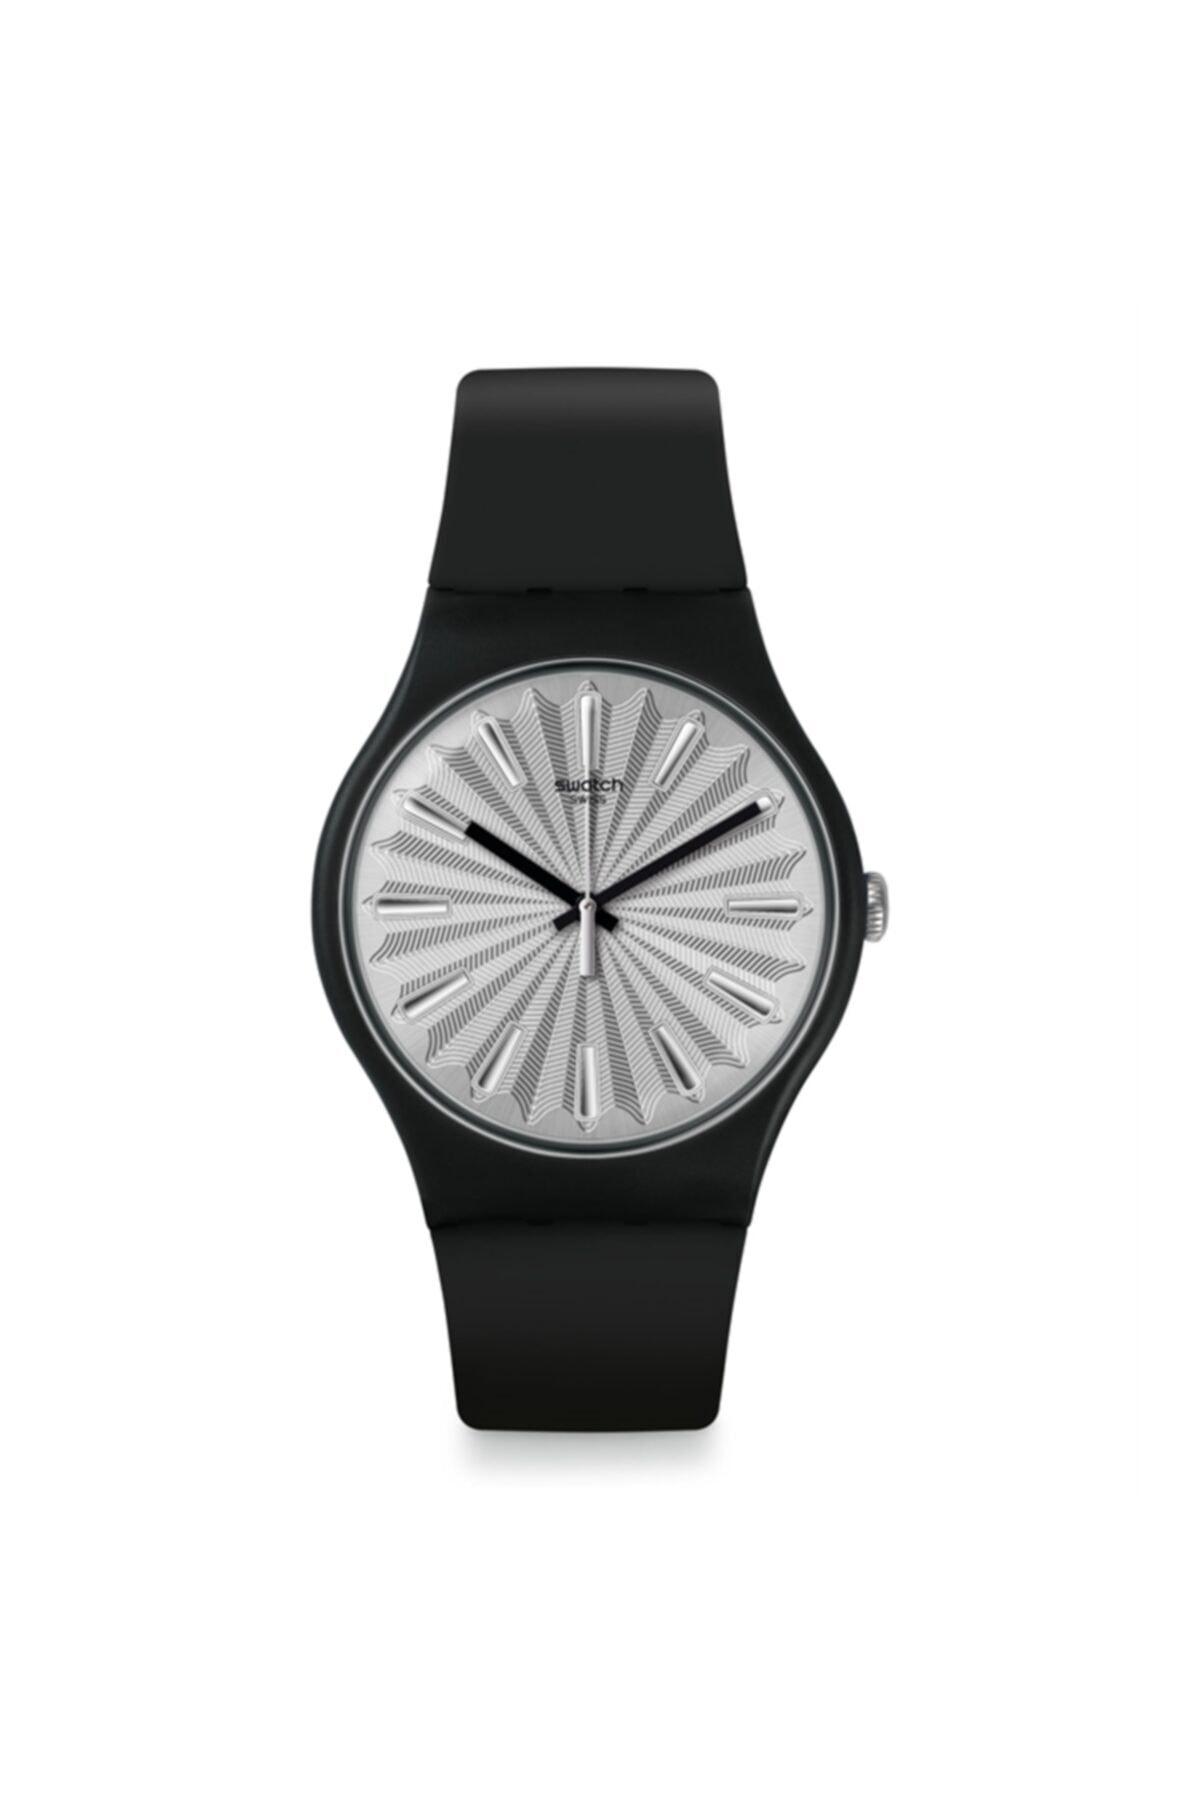 خرید انلاین ساعت مچی مردانه 2021 برند Swatch رنگ مشکی کد ty33910118